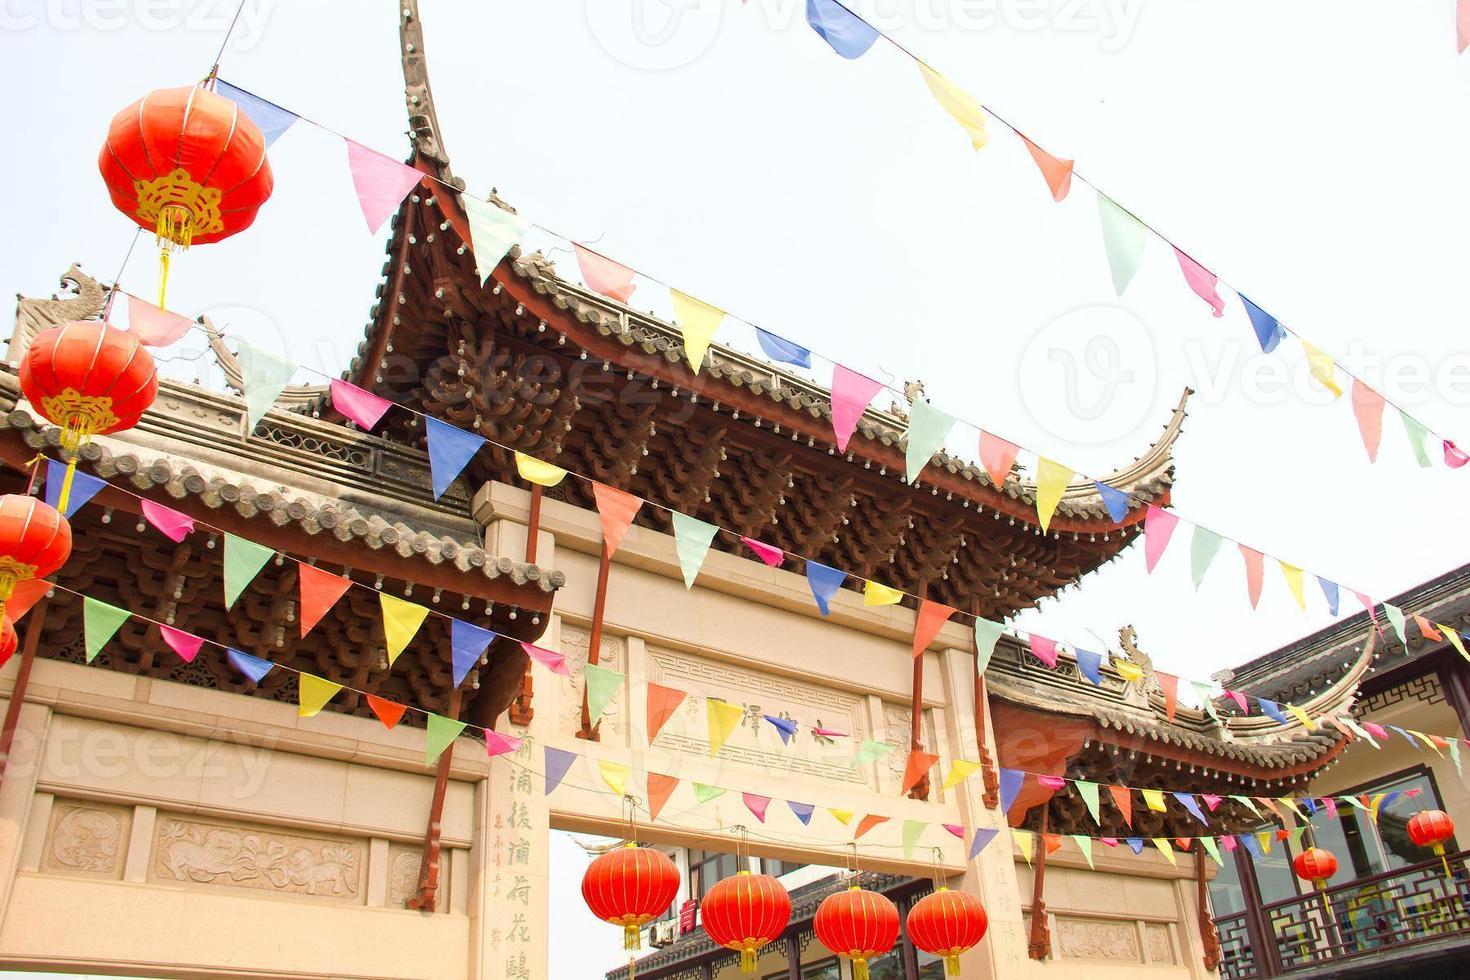 bandiere colorate a suzhou, Cina foto